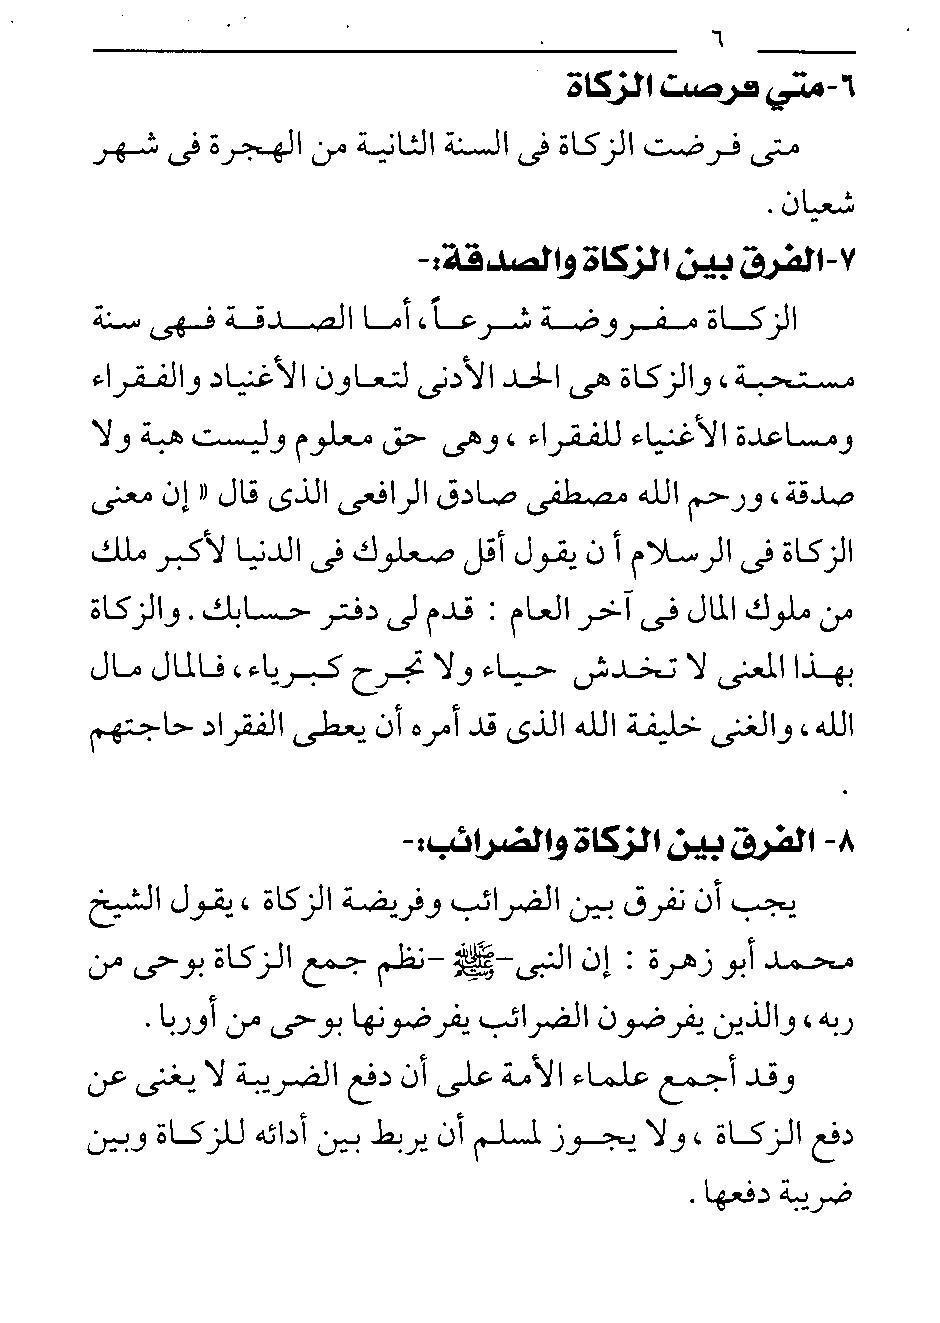 """من الفقة الاسلامى الكتاب الثانى فى ( احكام الزكاة من القرآن والسنة ) للشيخ سامى محمود """" 918930770"""